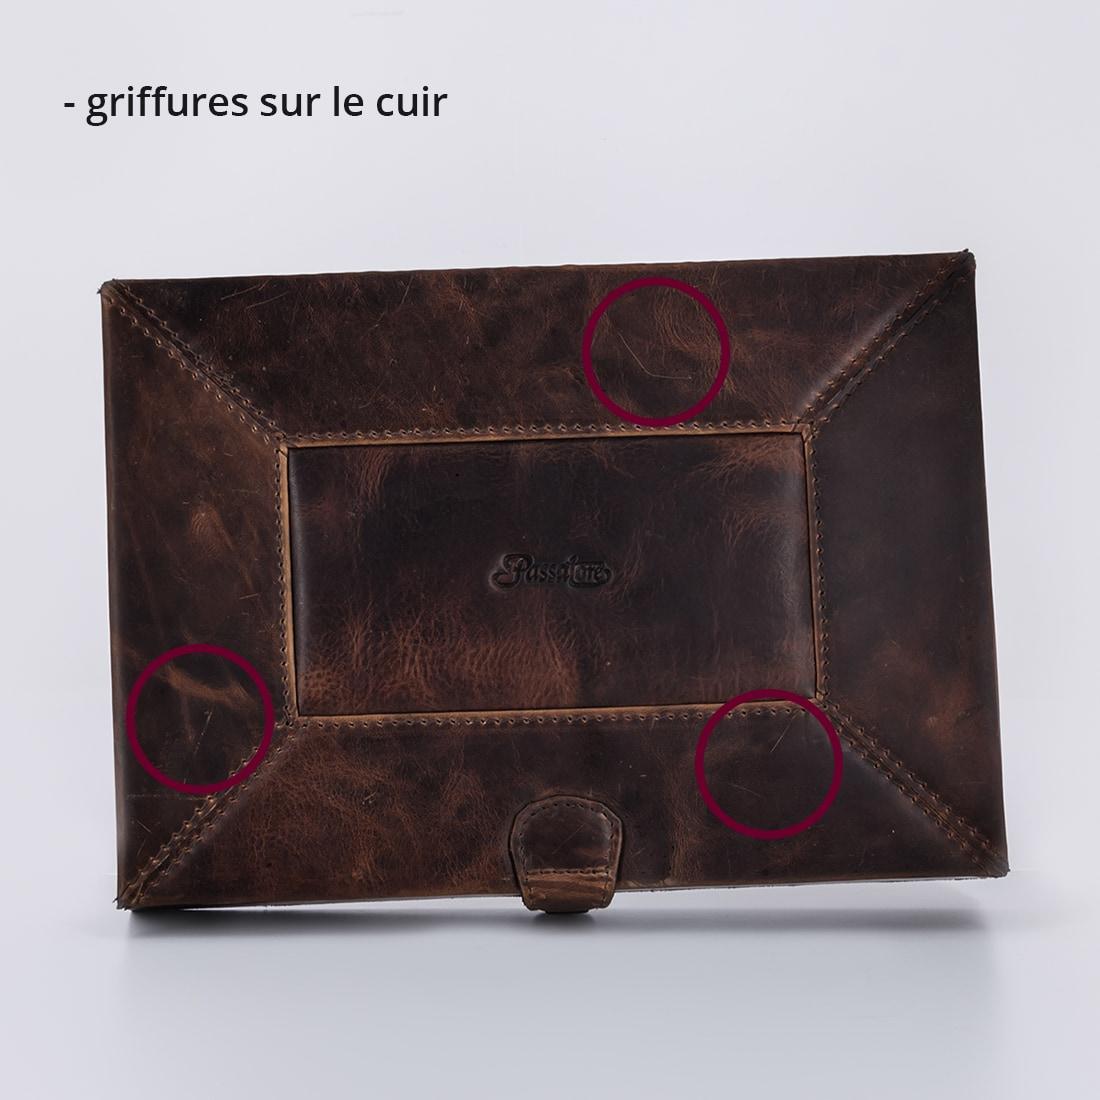 Photo #1 de La Bonne Affaire - Coffret à cigares cuir marron